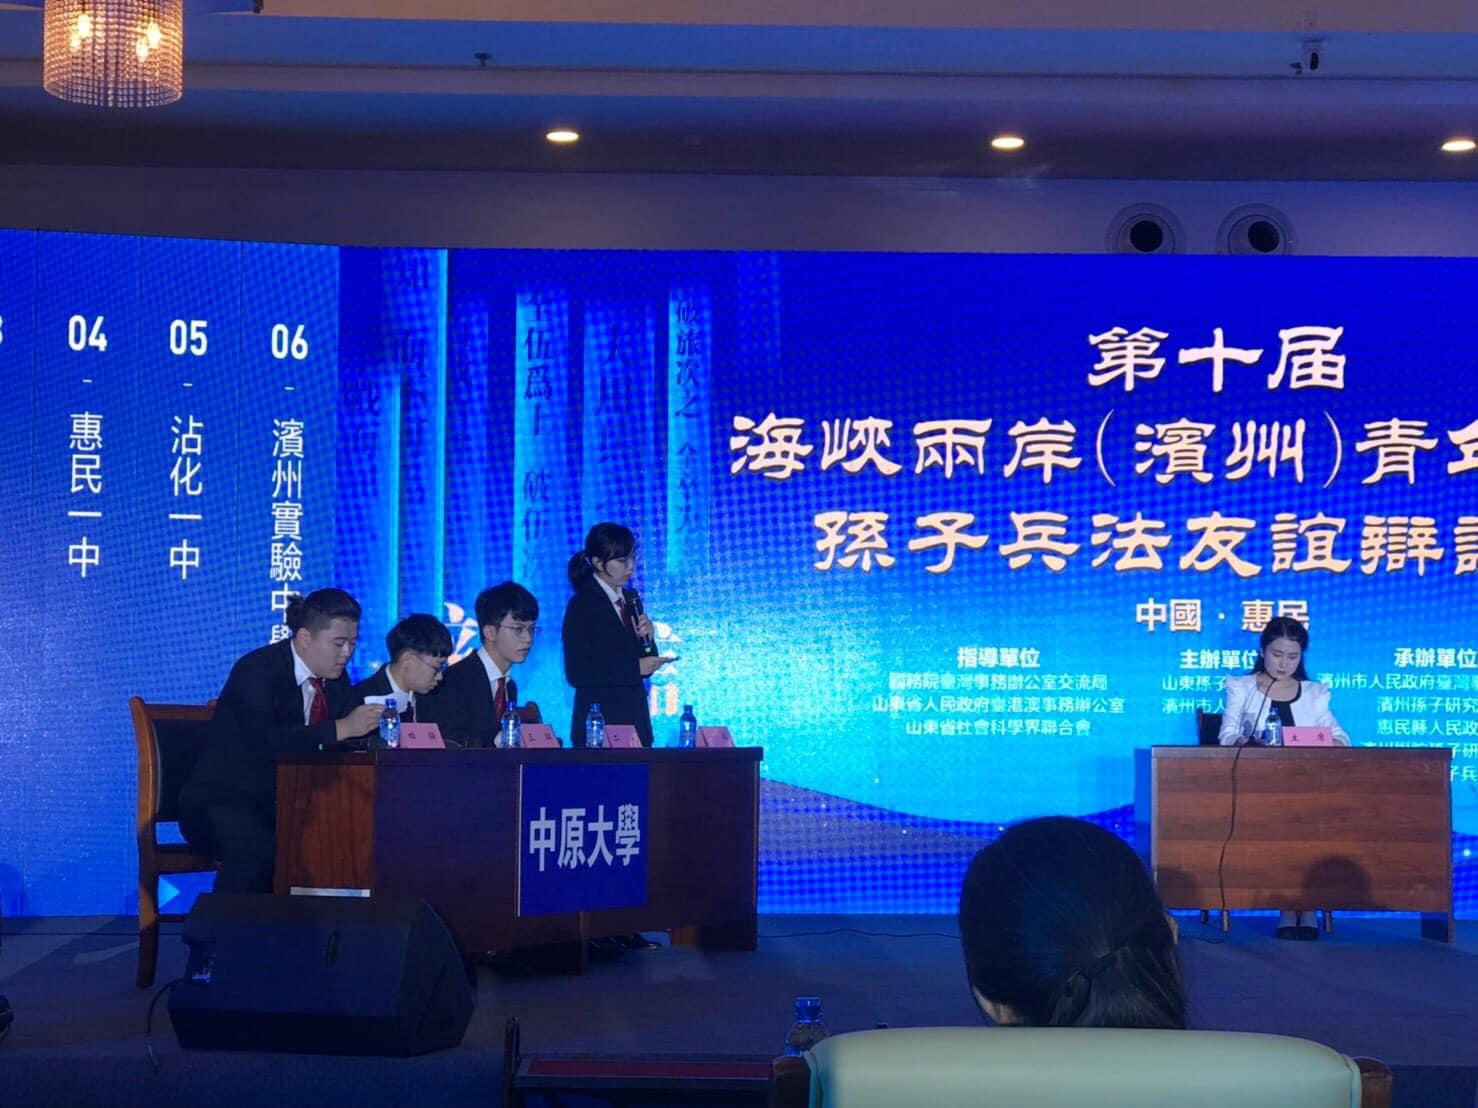 中原大學講辯社參加海峽兩岸孫子兵法辯論賽 榮獲佳績